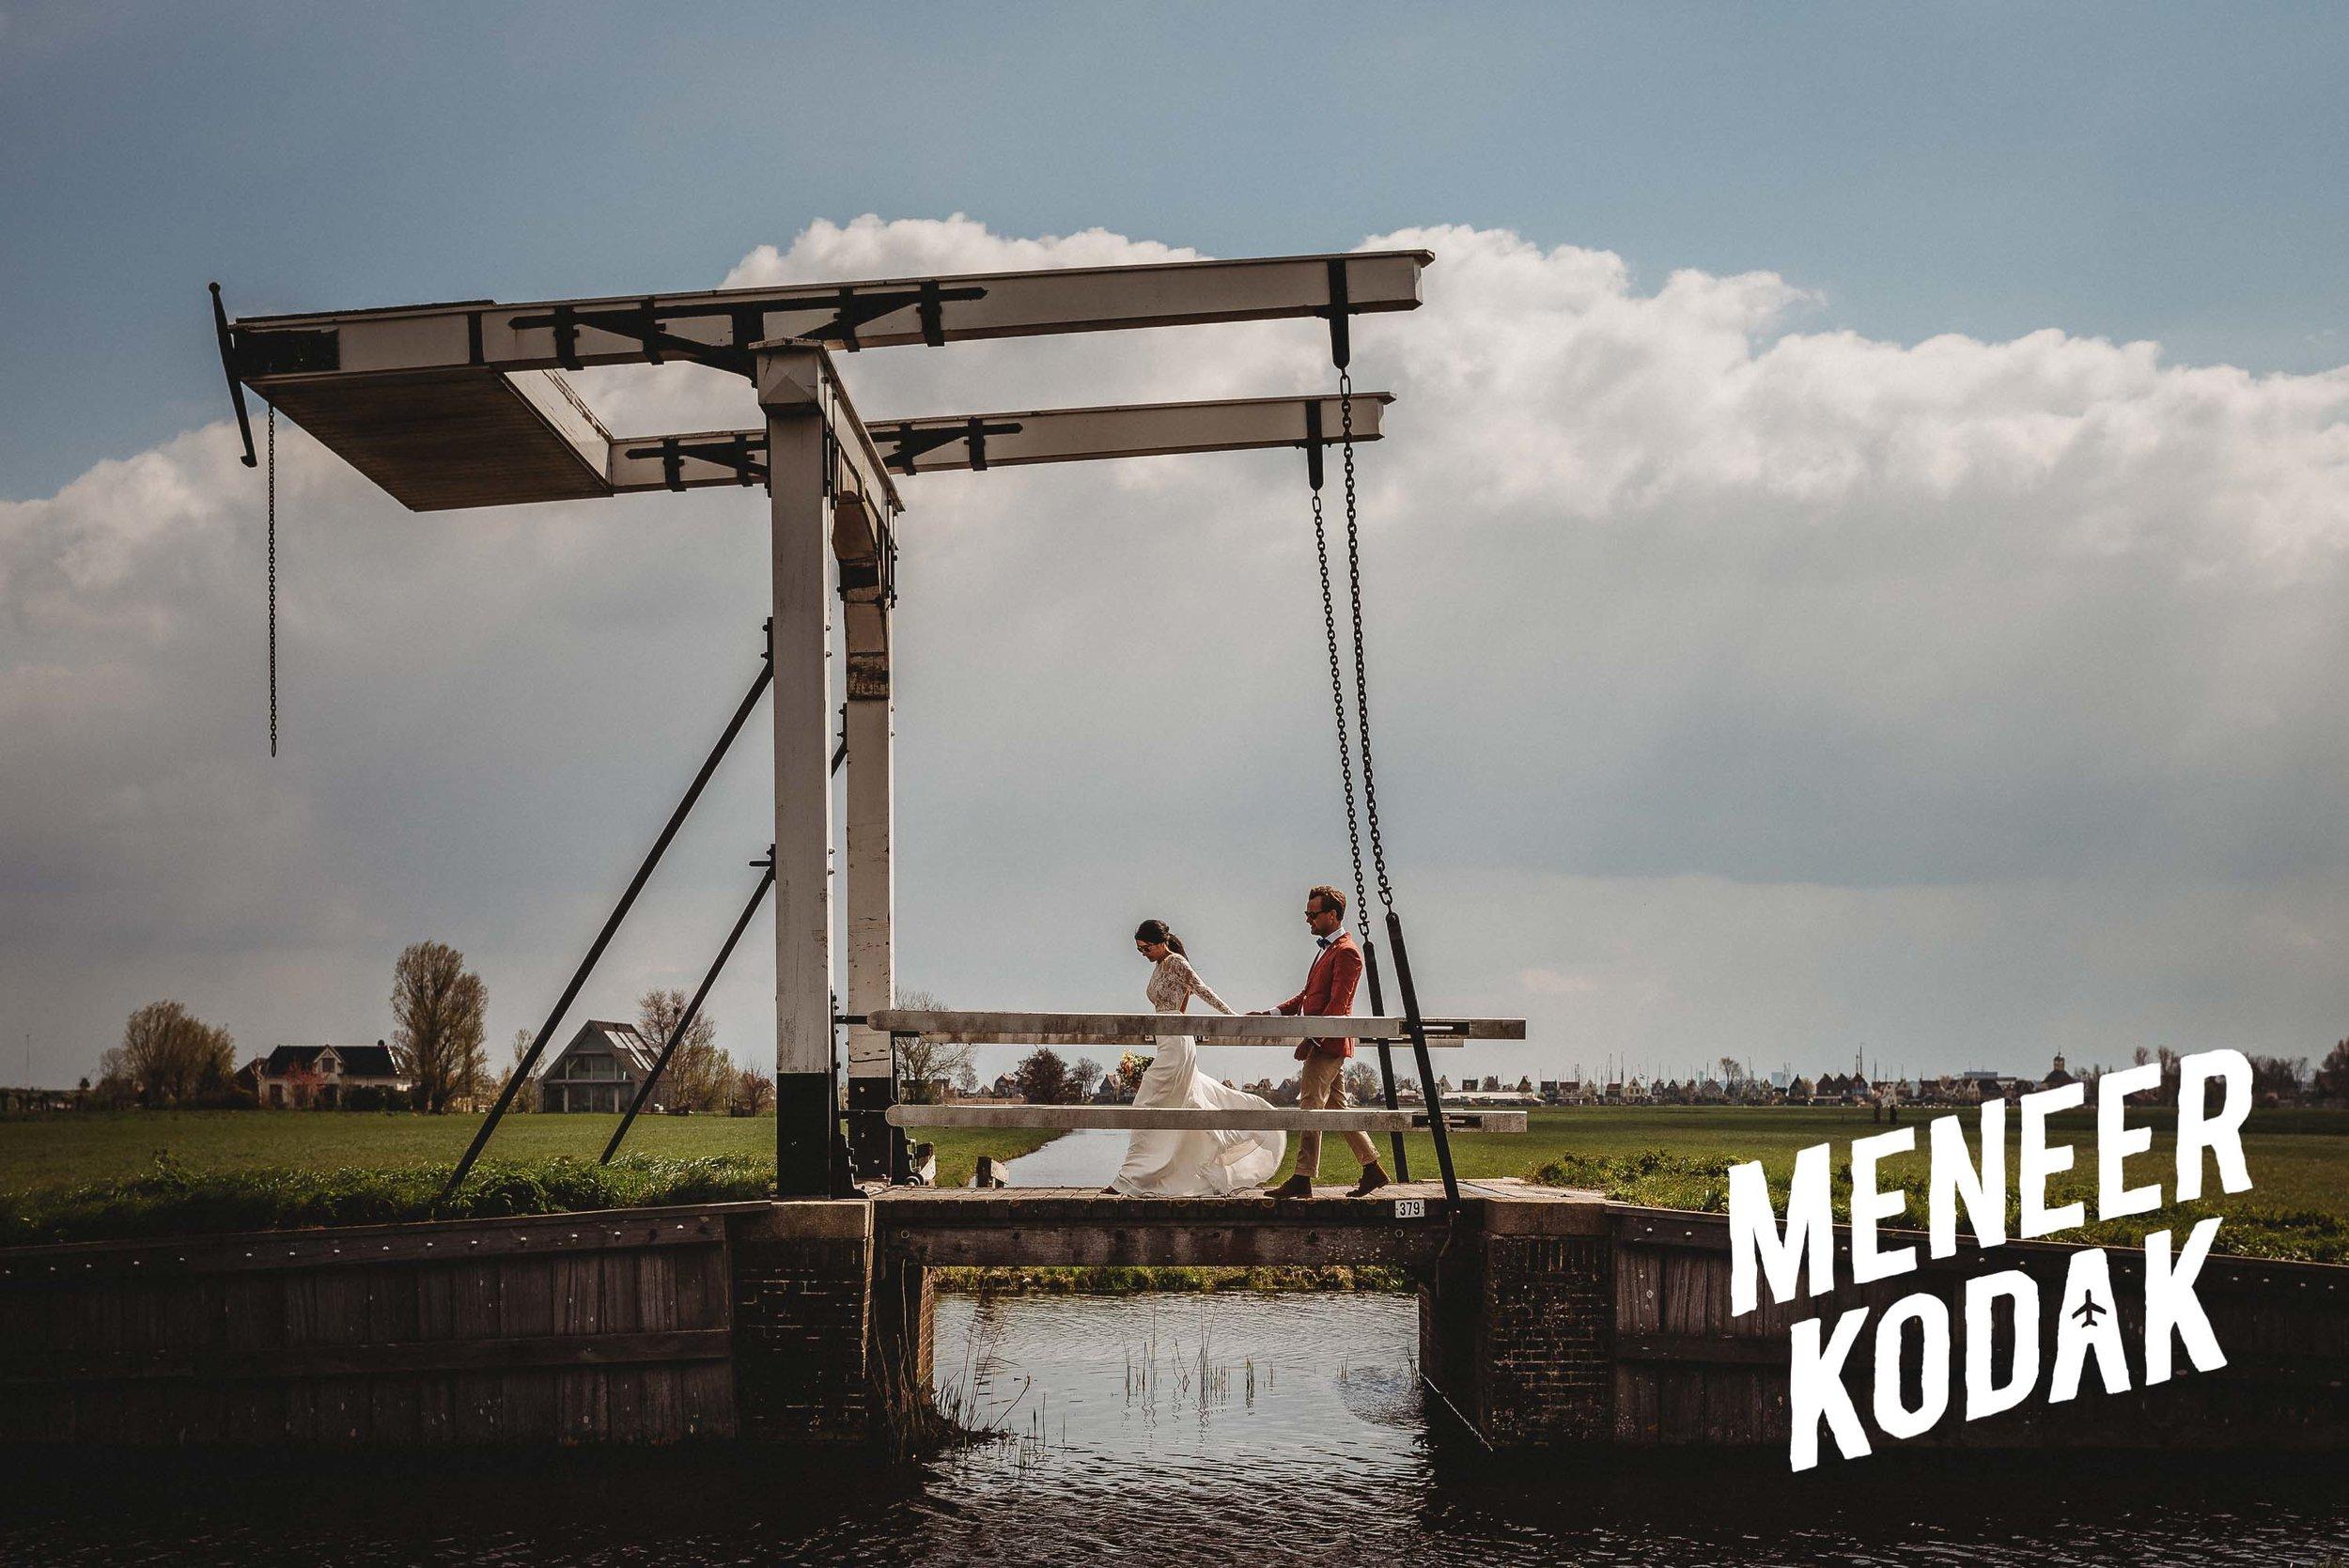 Meneer Kodak - Bruidsfotograaf - Amsterdam - M&J-031.jpg